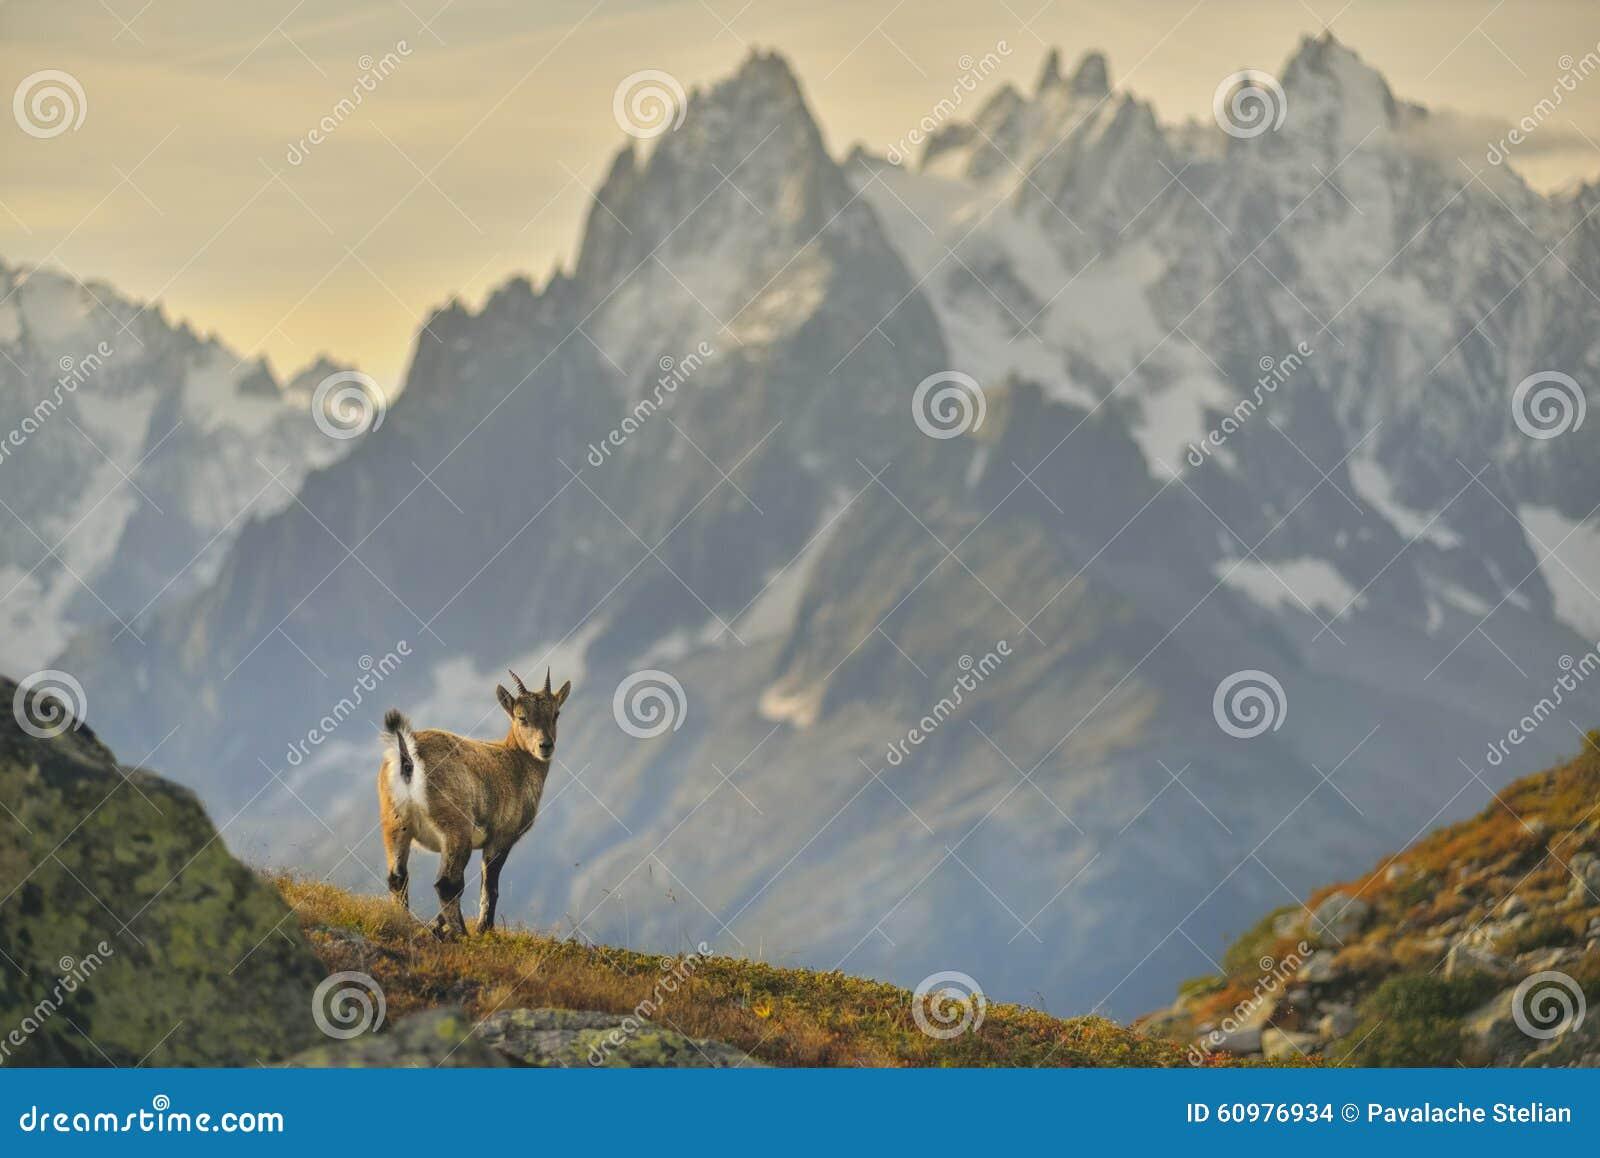 Młoda koziorożec od Francuskich Alps